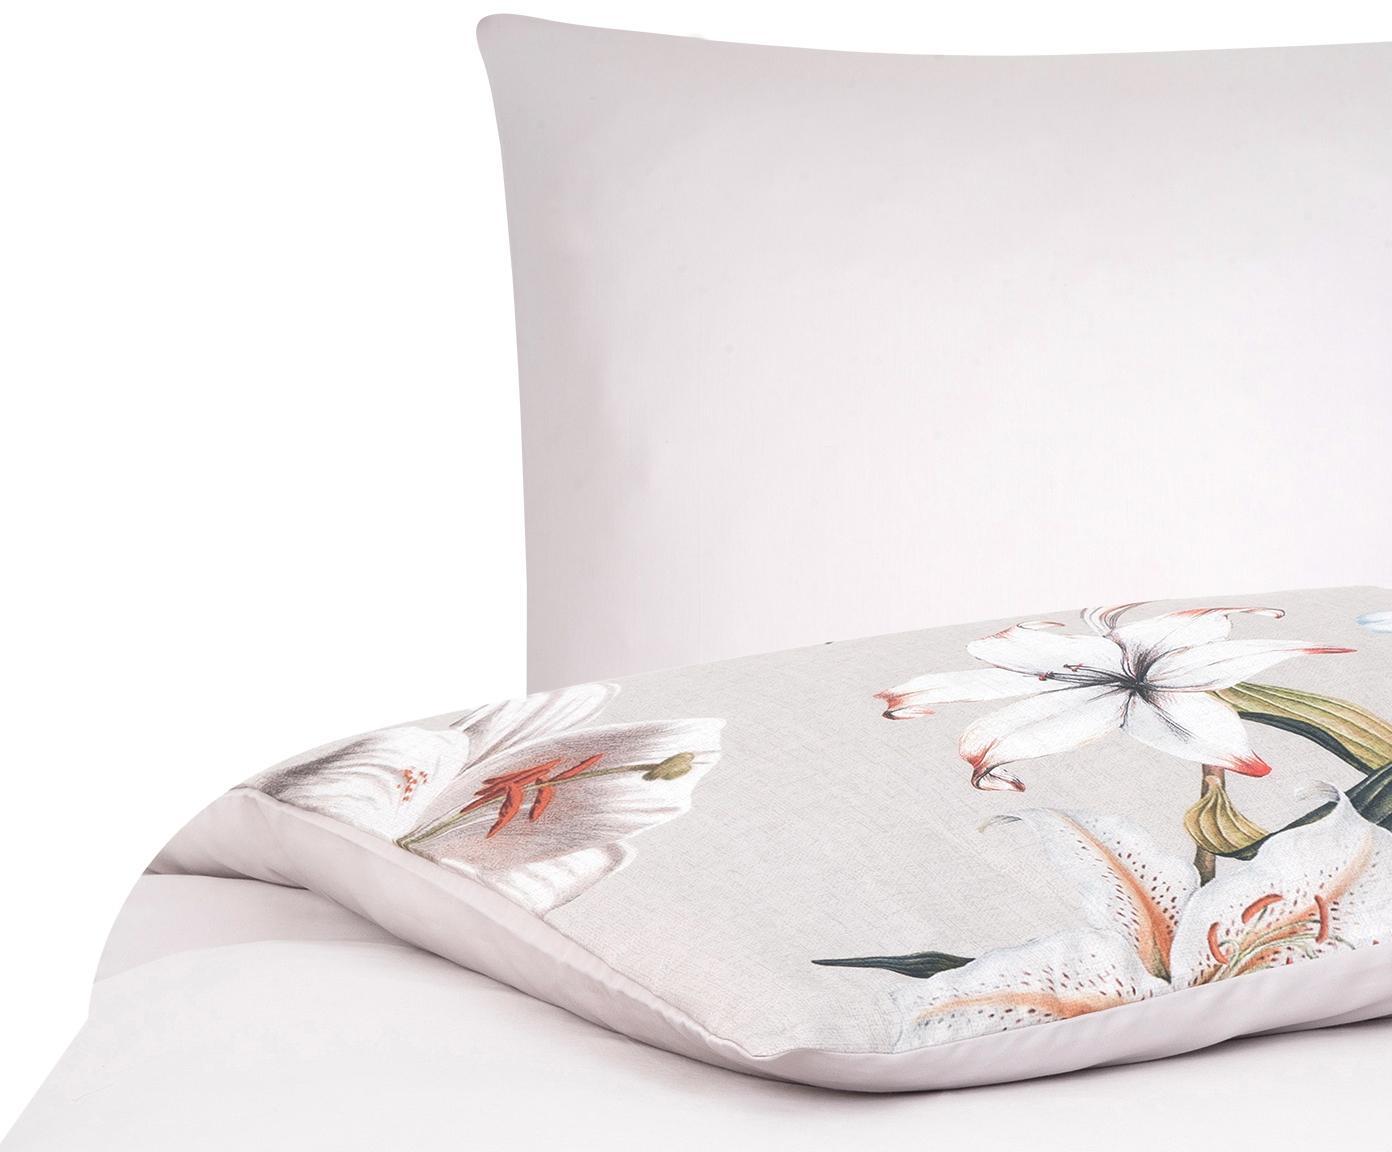 Baumwollsatin-Bettwäsche Flori mit Blumen-Print, Webart: Satin Fadendichte 210 TC,, Vorderseite: Beige, CremeweißRückseite: Beige, 135 x 200 cm + 1 Kissen 80 x 80 cm